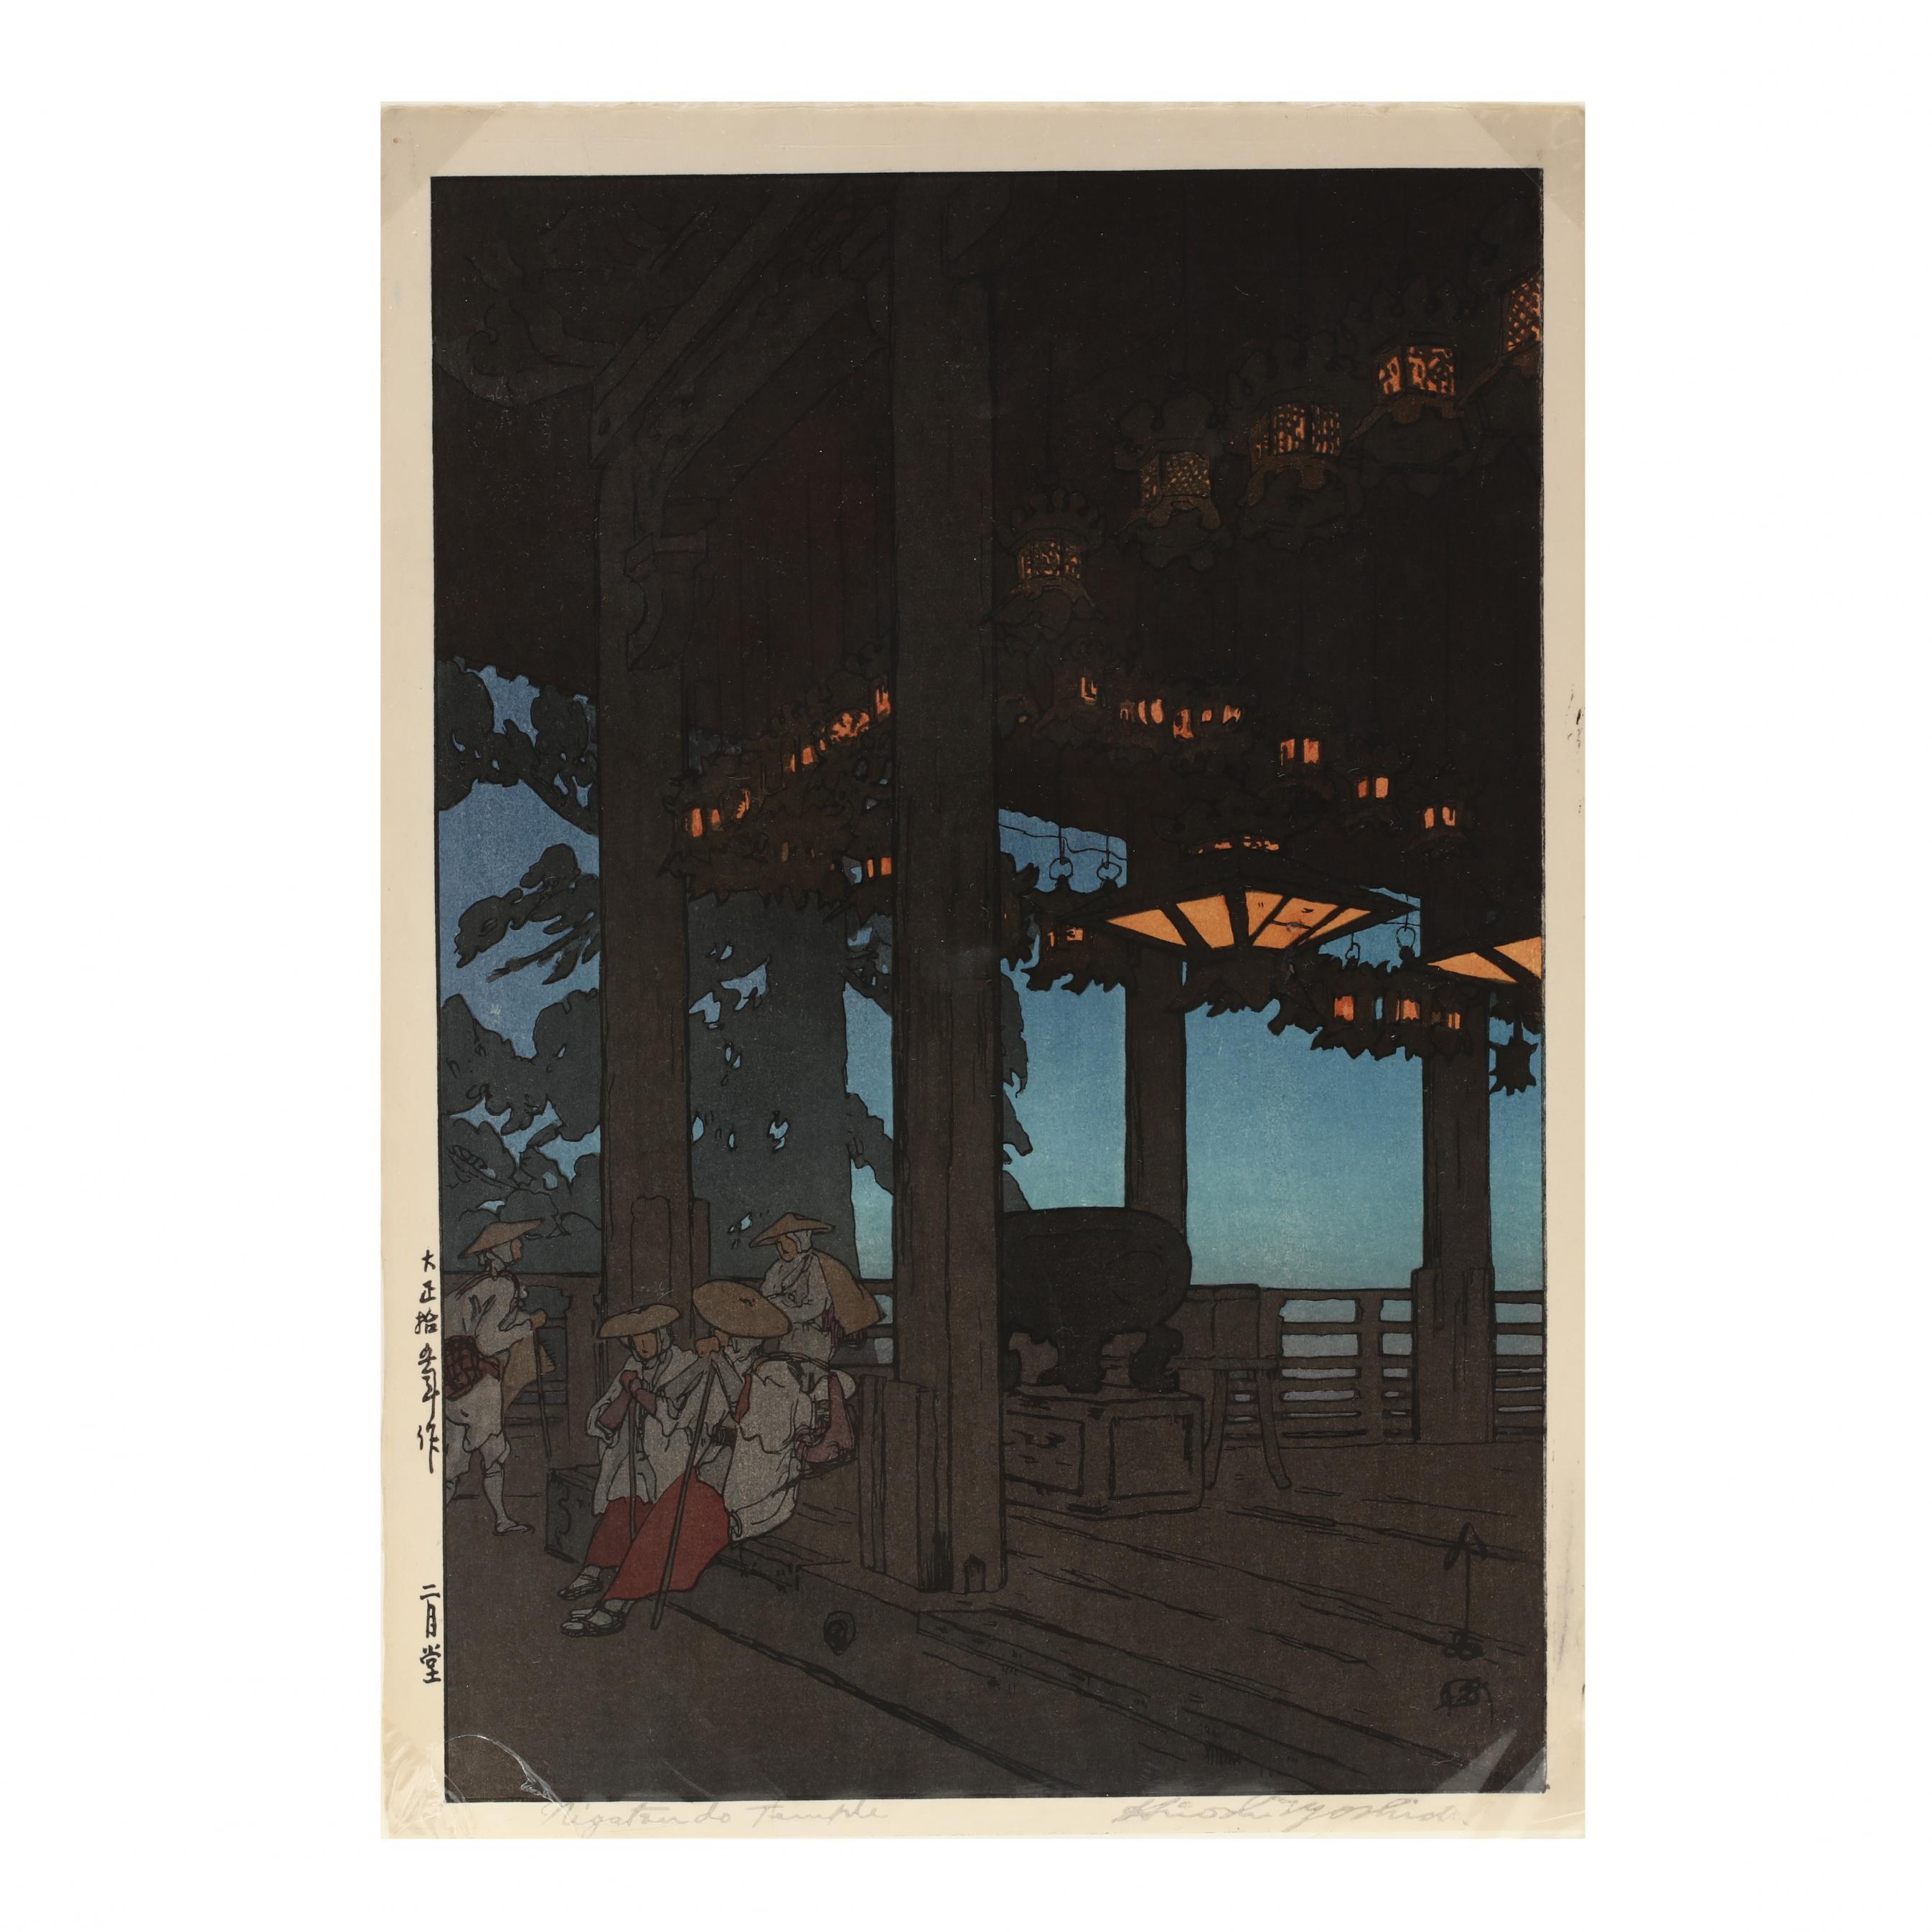 hiroshi-yoshida-japanese-1876-1950-i-nigatsudo-nigatsu-temple-i